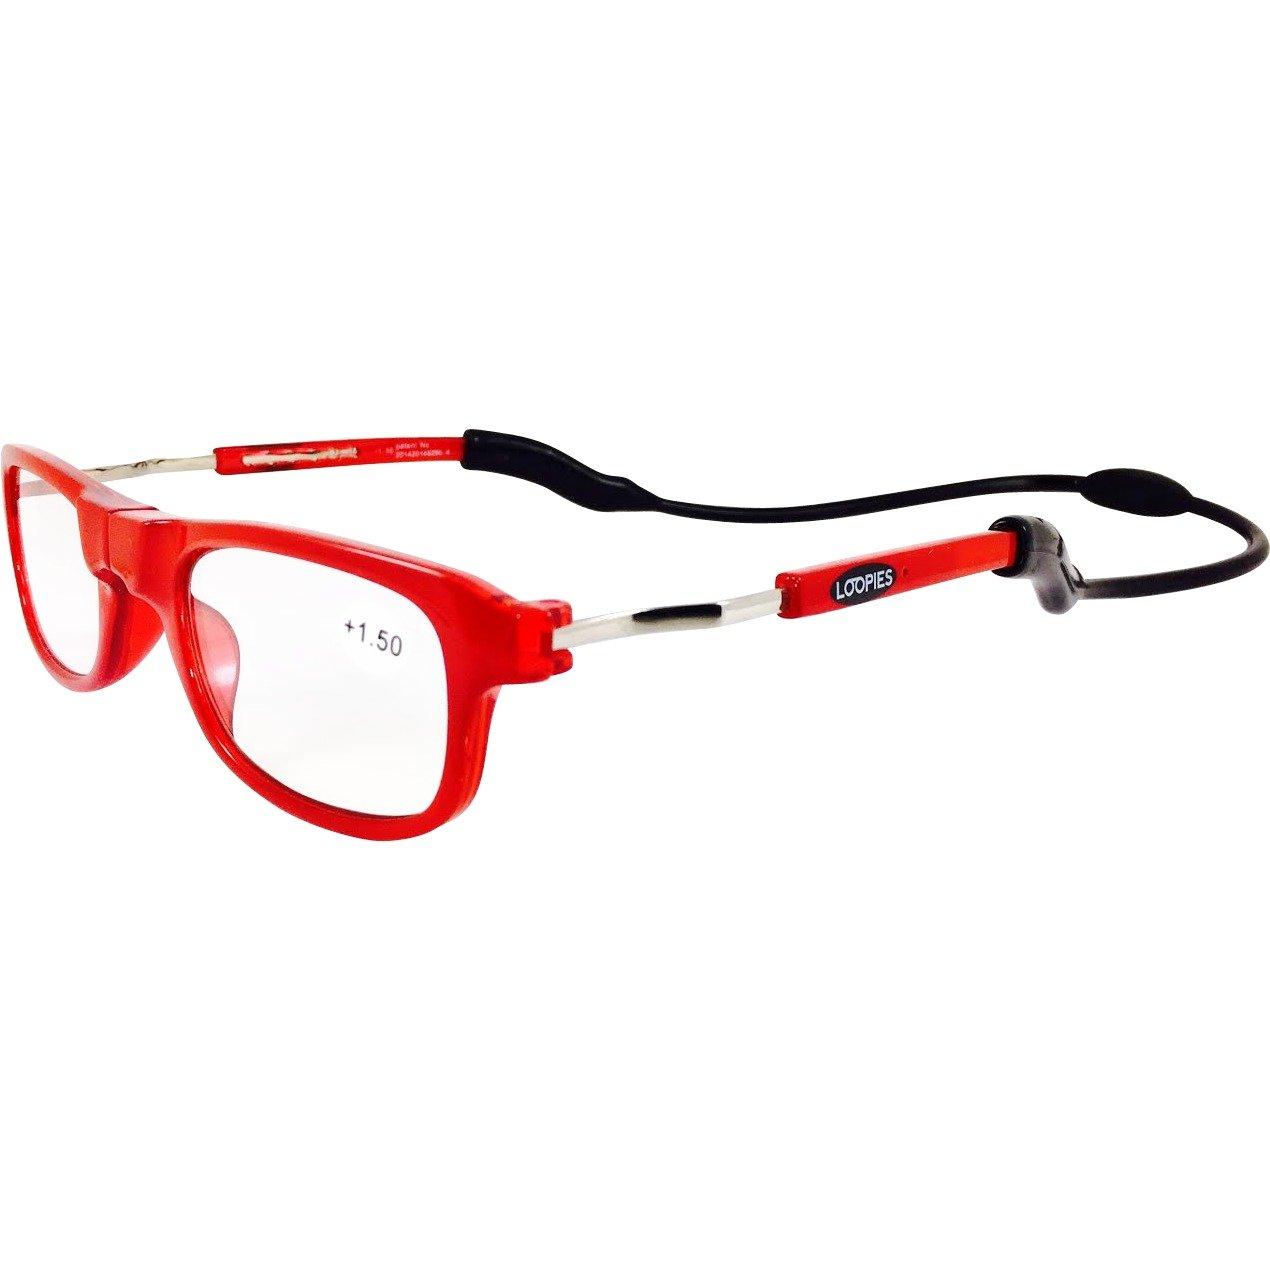 Loopies alta qualità magnetico lettura occhiali. Unisex, regolabile, e confortevole